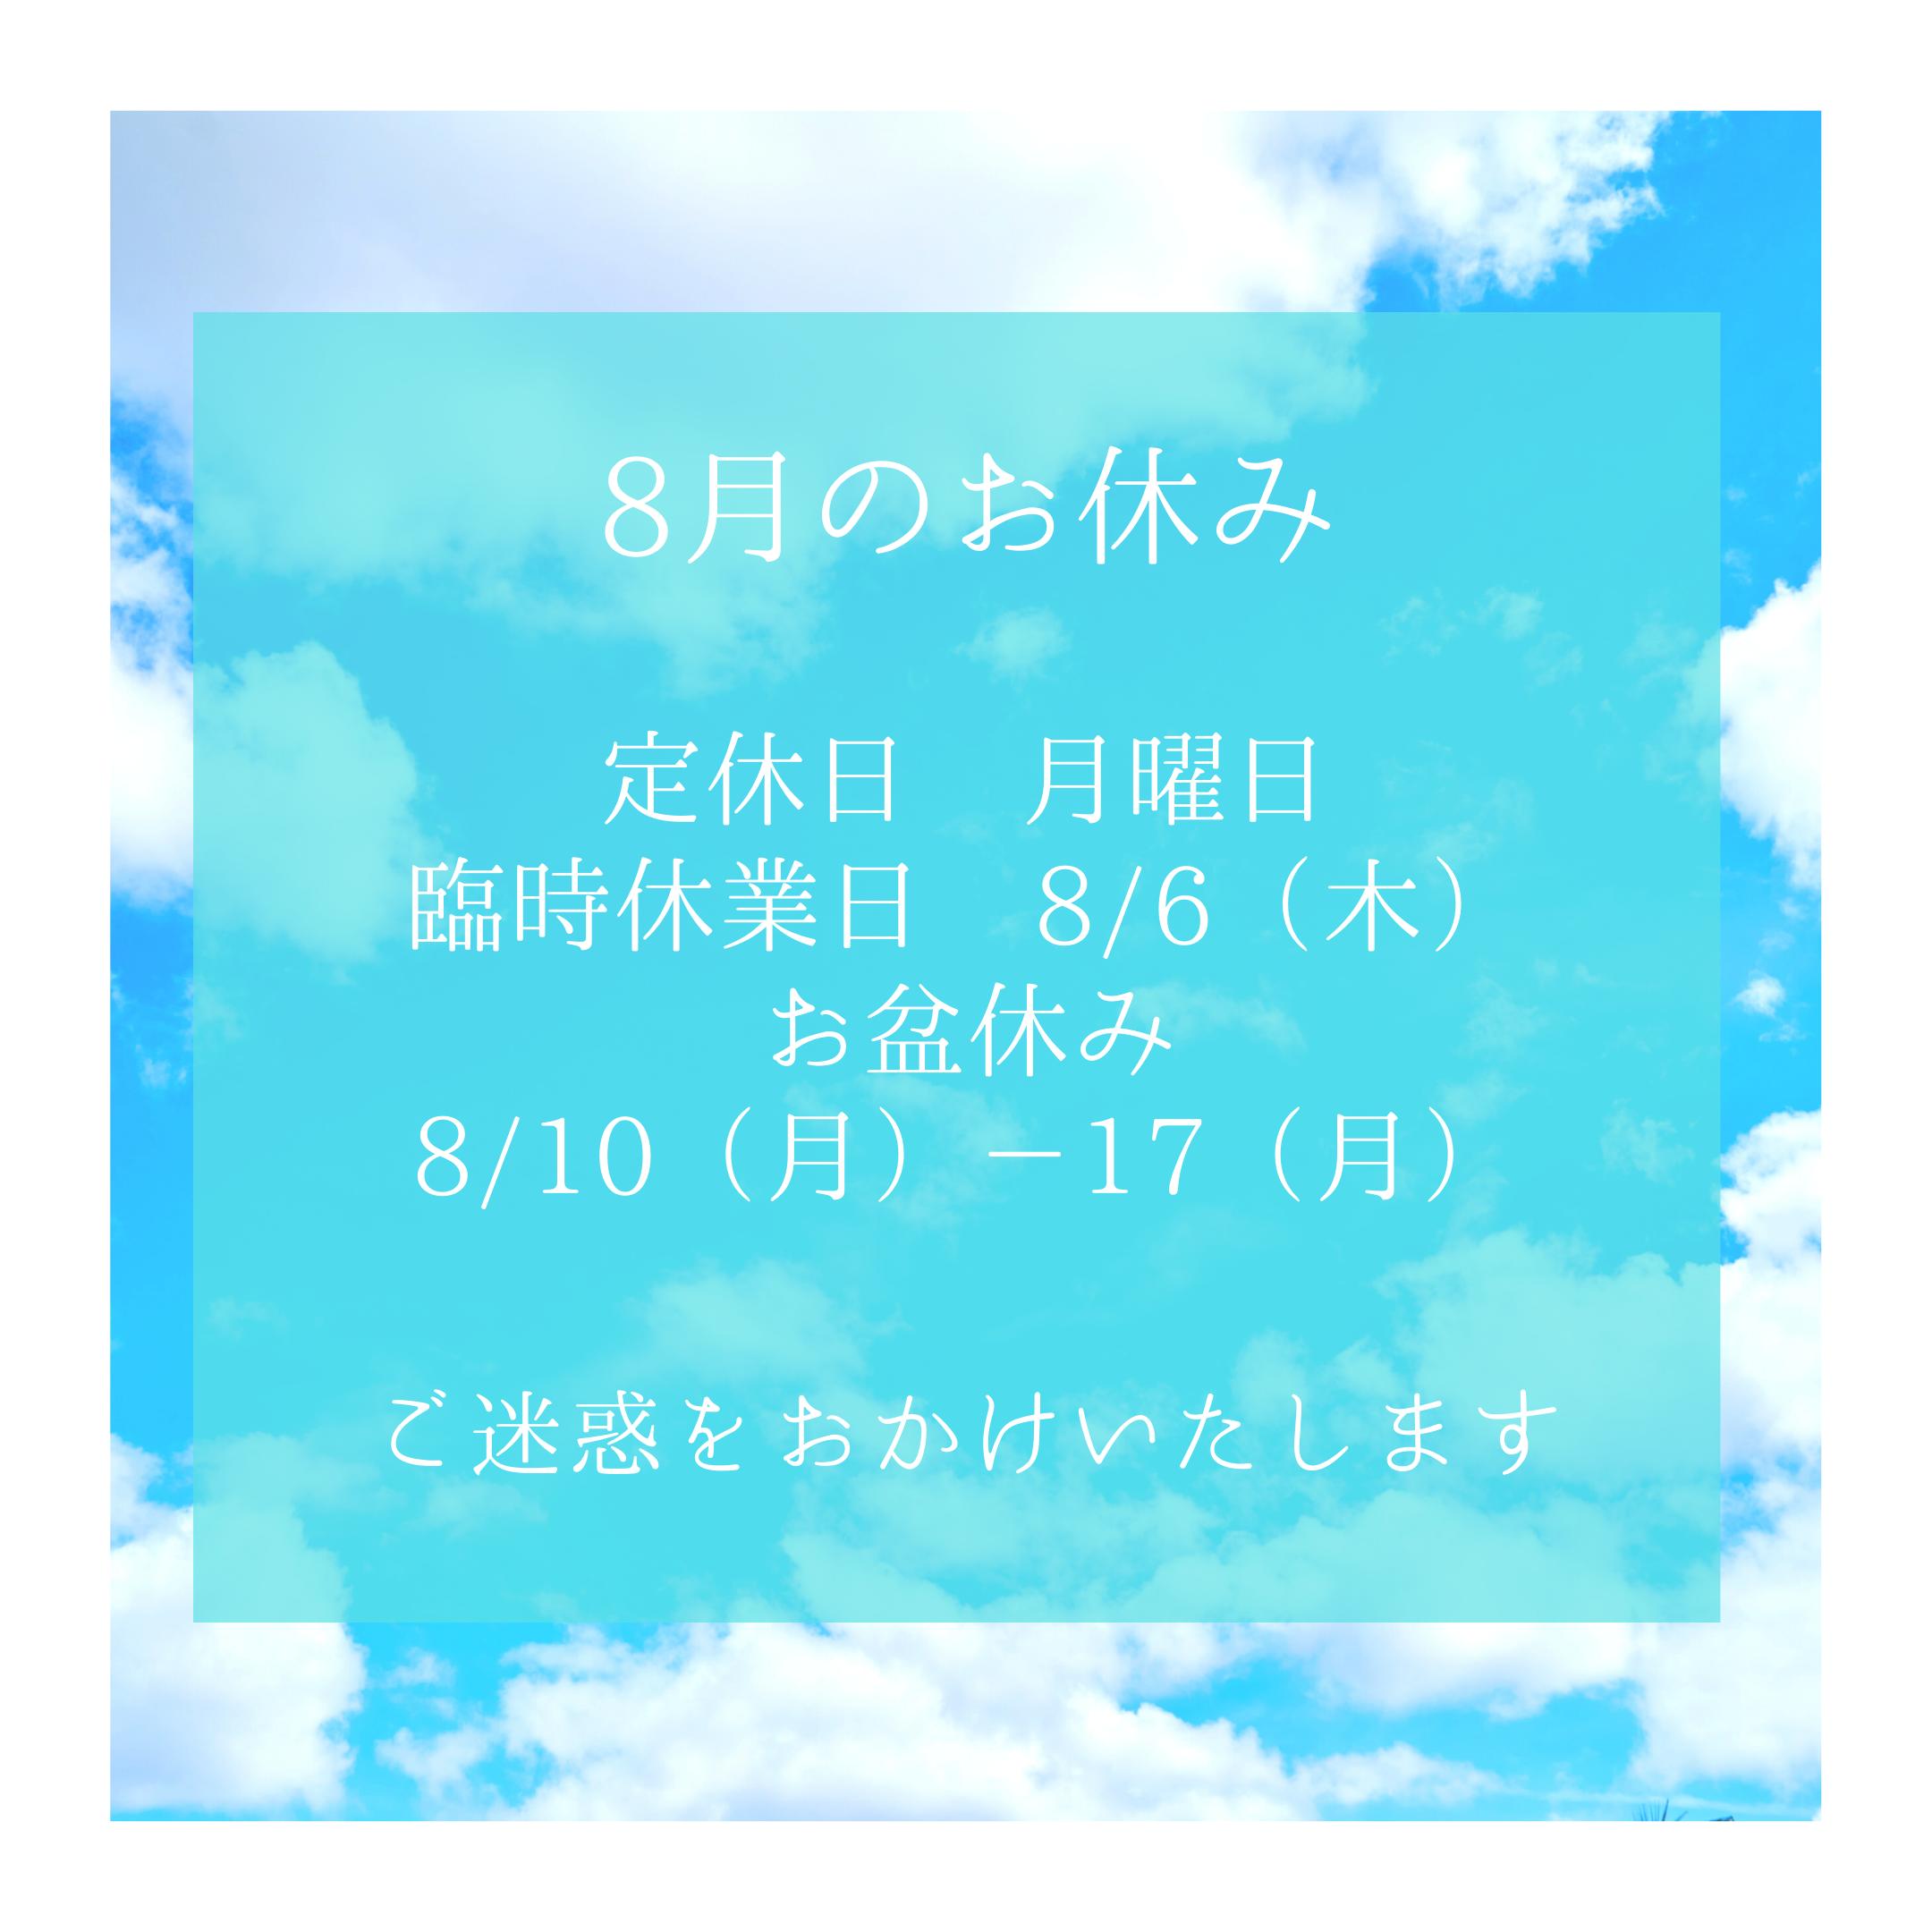 お盆休みのお知らせ【8月10日(月/祝)~8月17日(月)】